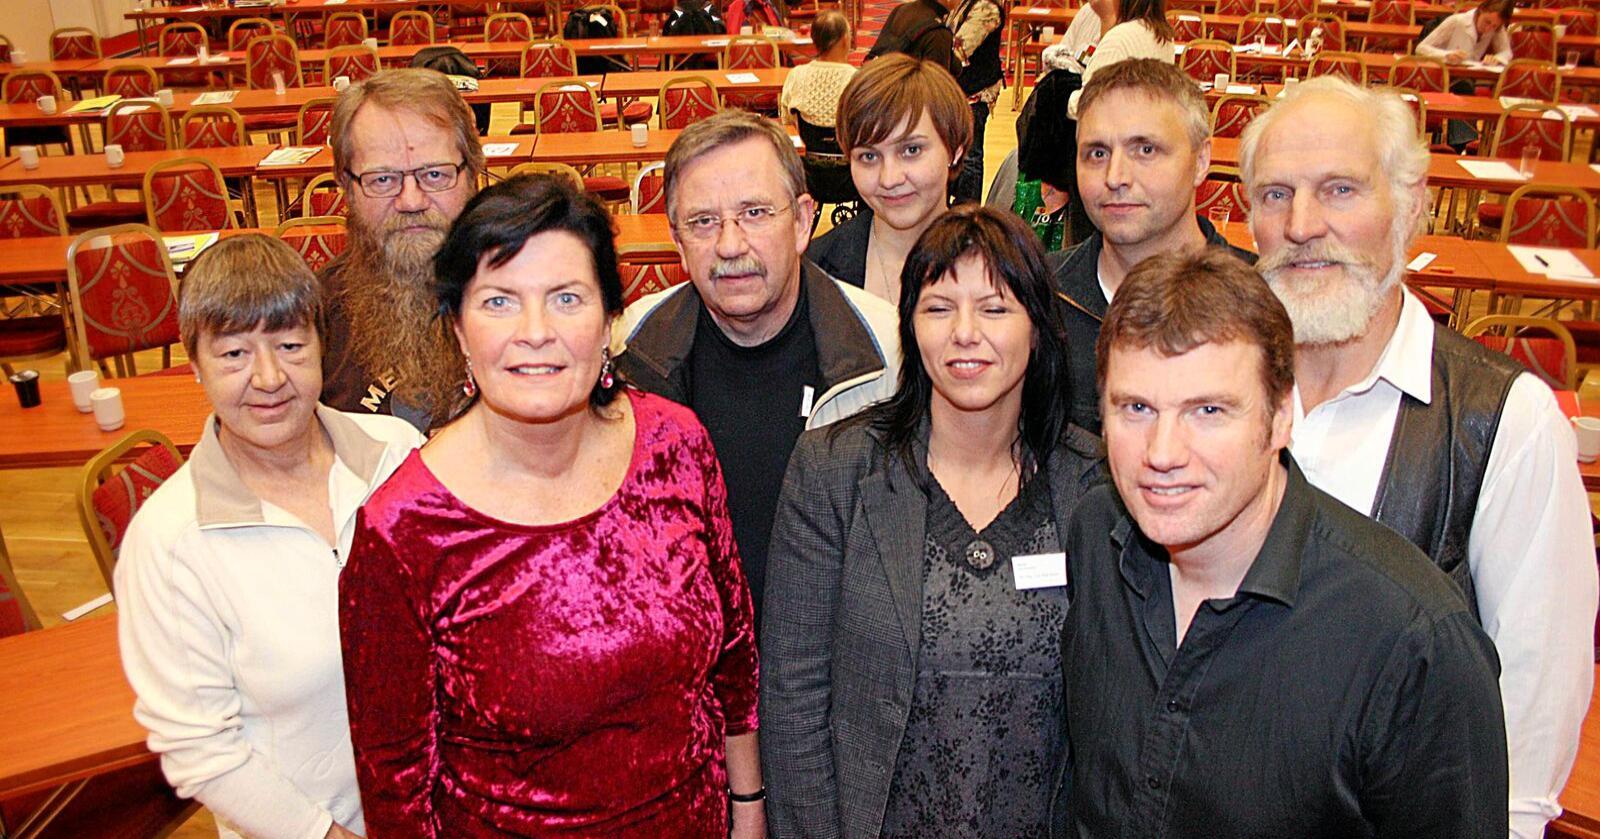 Nestleiar: Lynn Hege Myrvang (midt i fremste rekke) frå Valdres var i mange år organisatorisk nestleiar i Norsk Bonde- og Småbrukarlag. Nå melder ho seg ut av Småbrukarlaget i protest. Her saman med dåverande leiar Merete Furuberg (t.v.) og resten av det dåverande styret for ein del år sidan: Oddveig Moen, Inge Staldvik, Modulf Aukan, Mari Søbstad Amundsen, Torbjørn Norland, Per Anton Nesjan og Terje Nystabakk. Foto: Bjarne Bekkeheien Aase